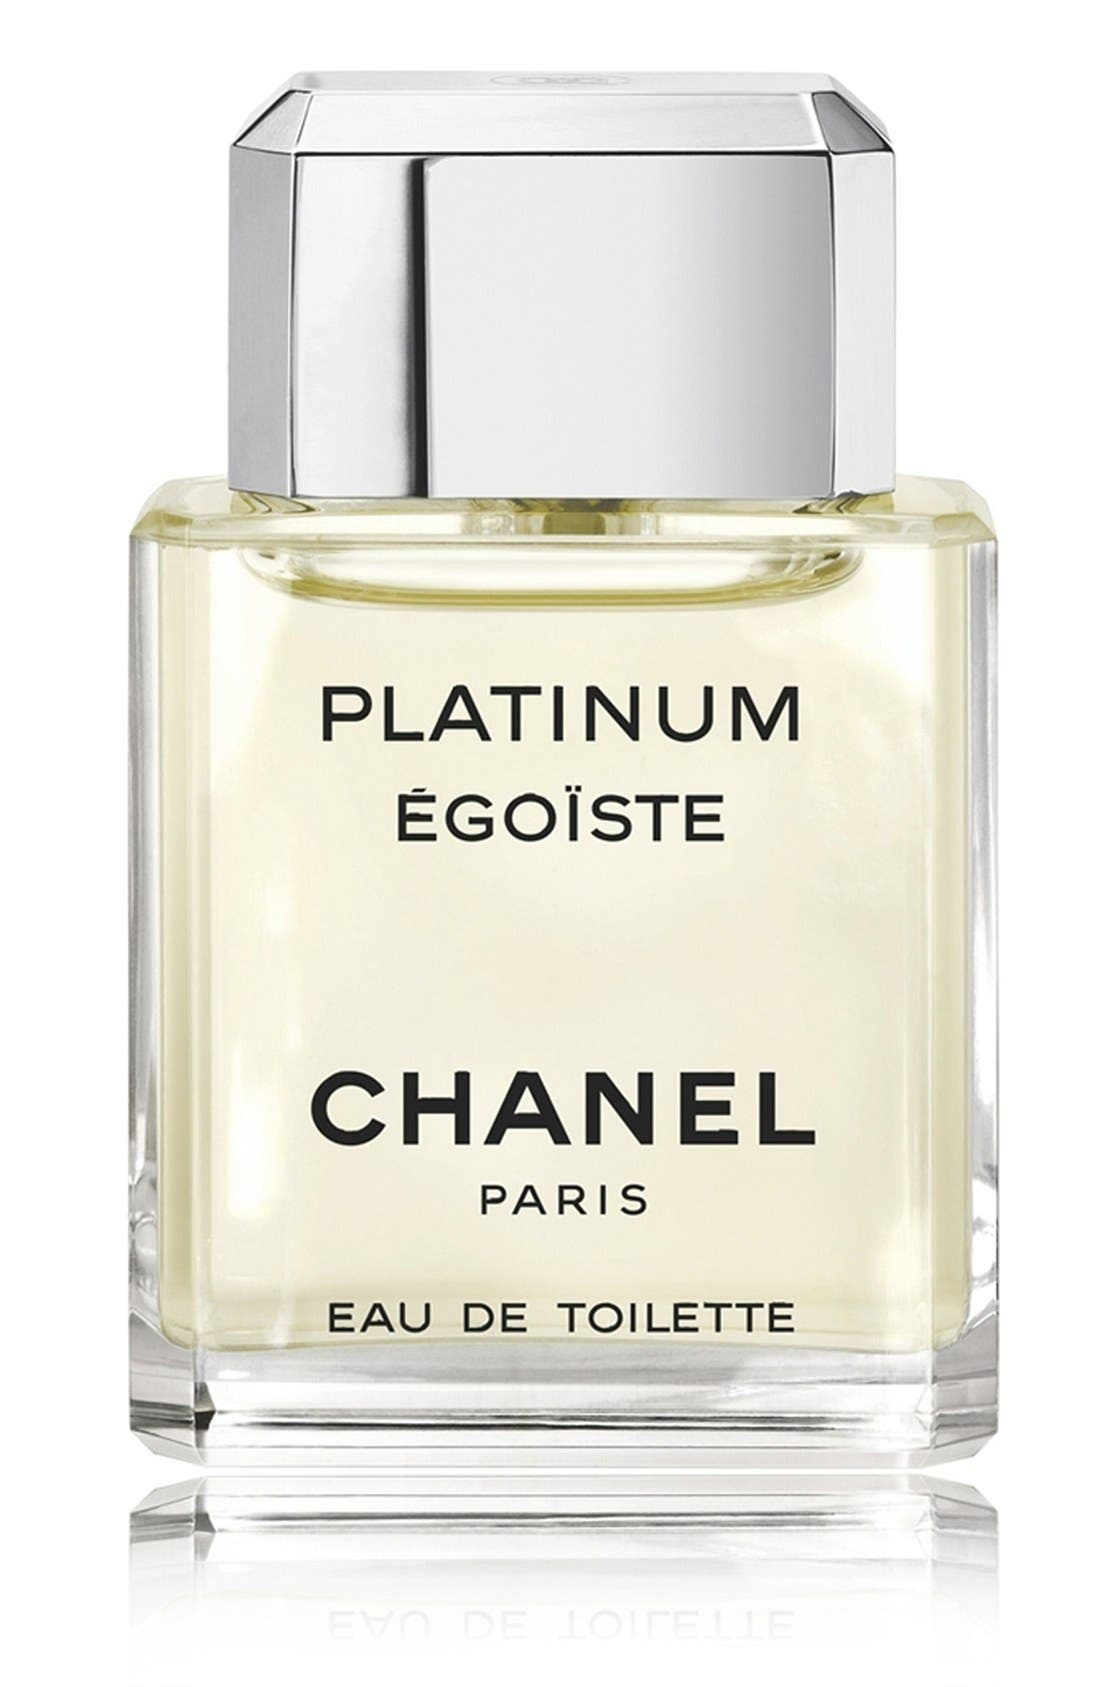 CHANEL PLATINUM ÉGOÏSTE  Eau de Toilette Spray